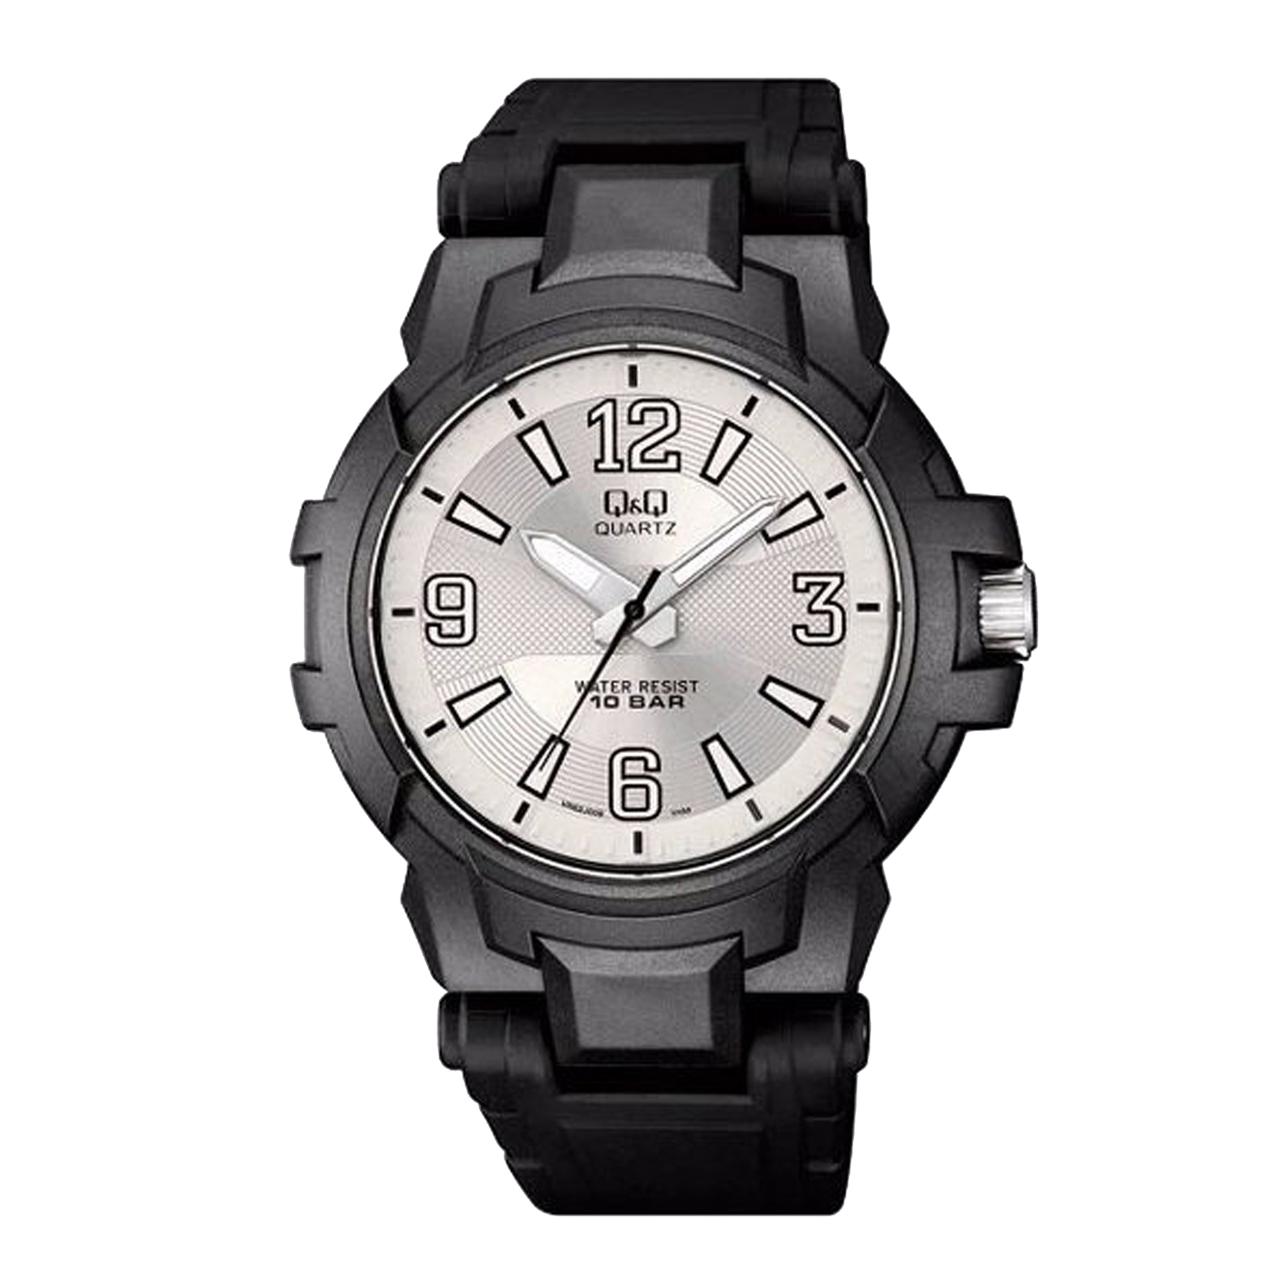 ساعت مچی عقربه ای مردانه کیو اند کیو کد vr62j009y              خرید (⭐️⭐️⭐️)